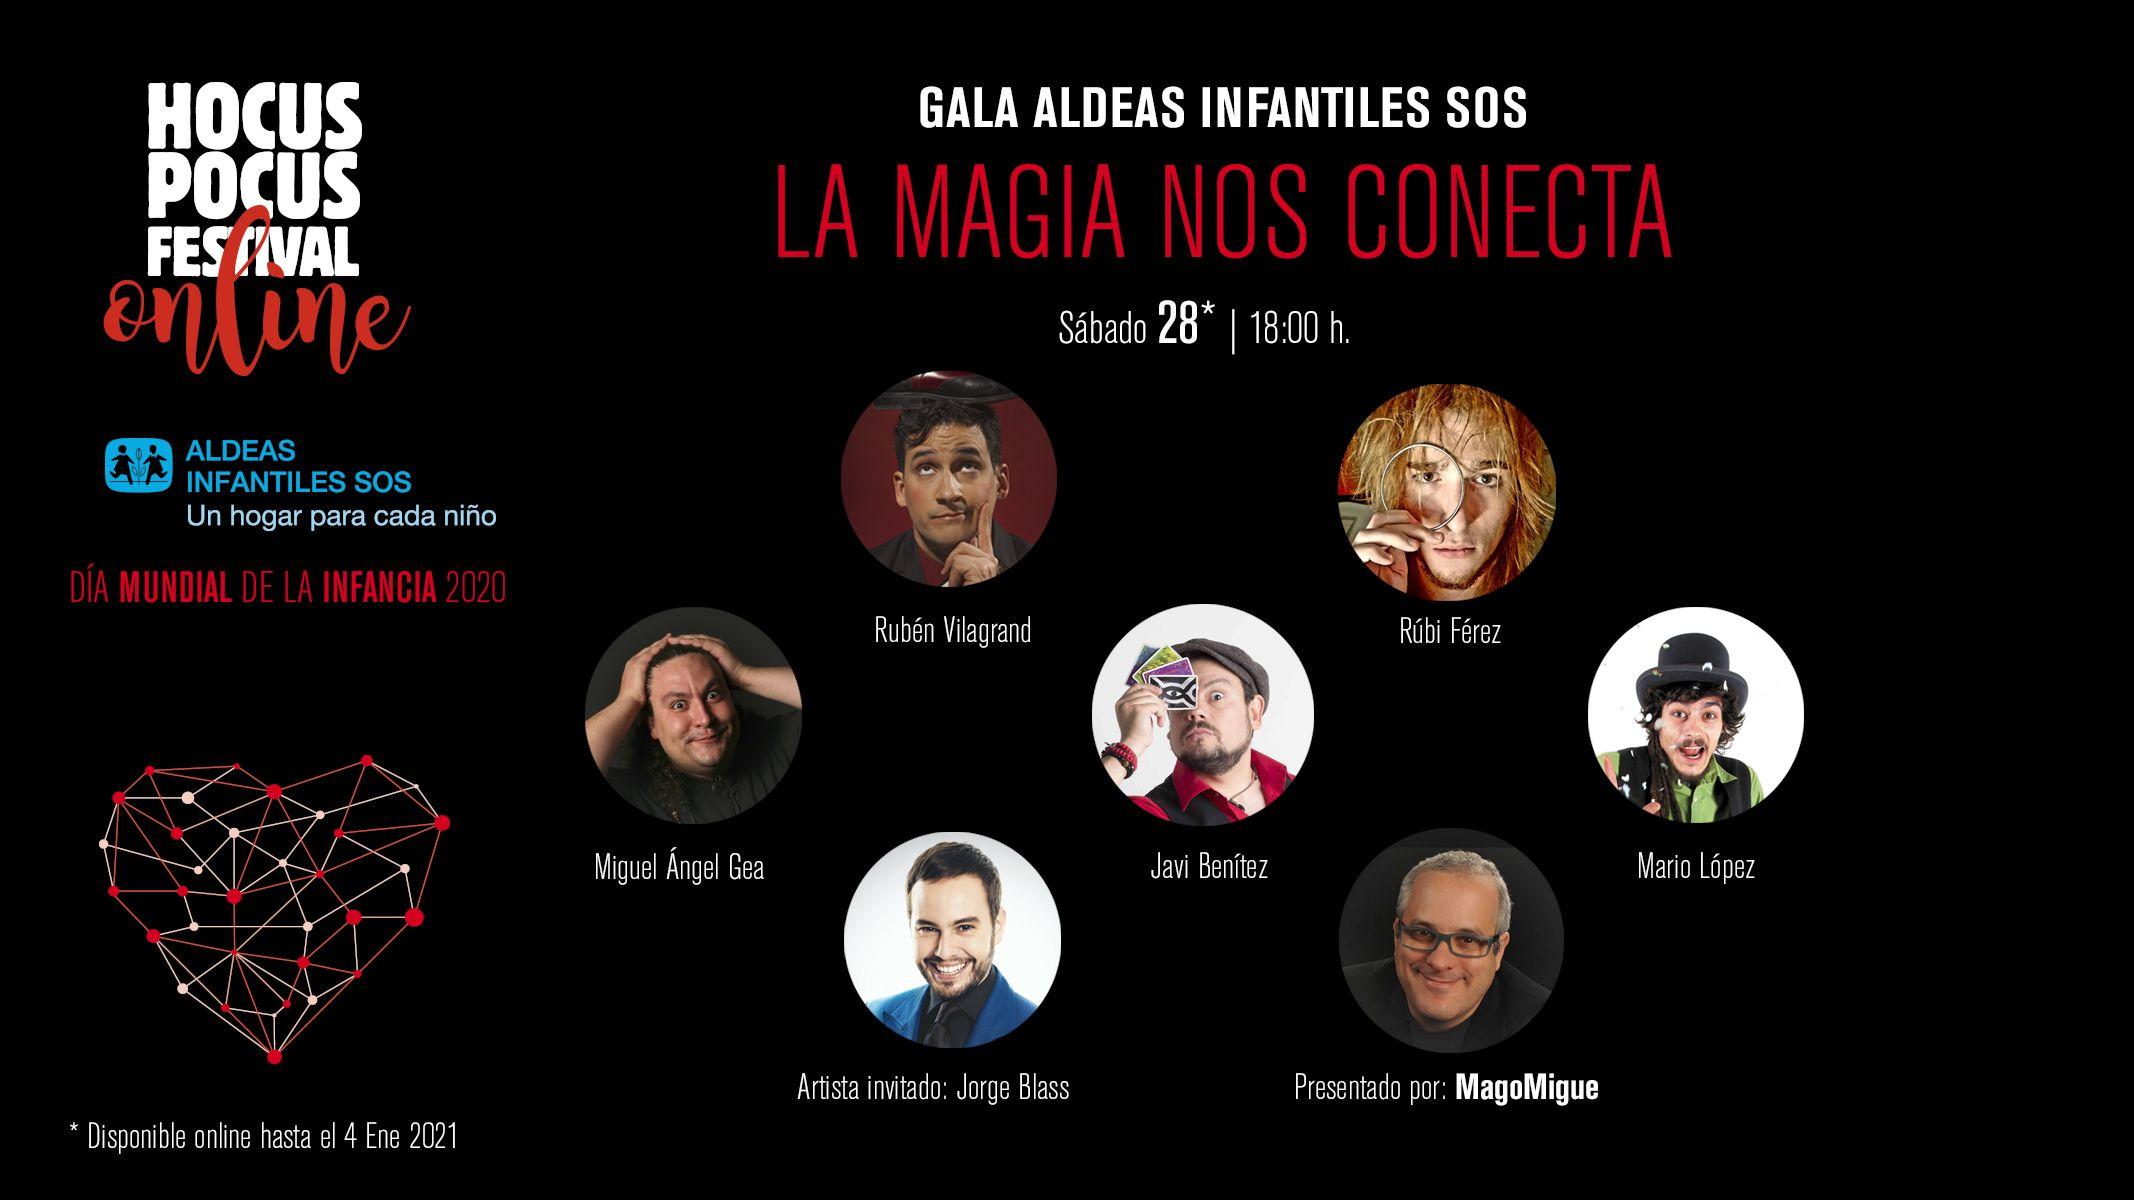 Hocus Pocus Festival regala ilusión con una Gala Online